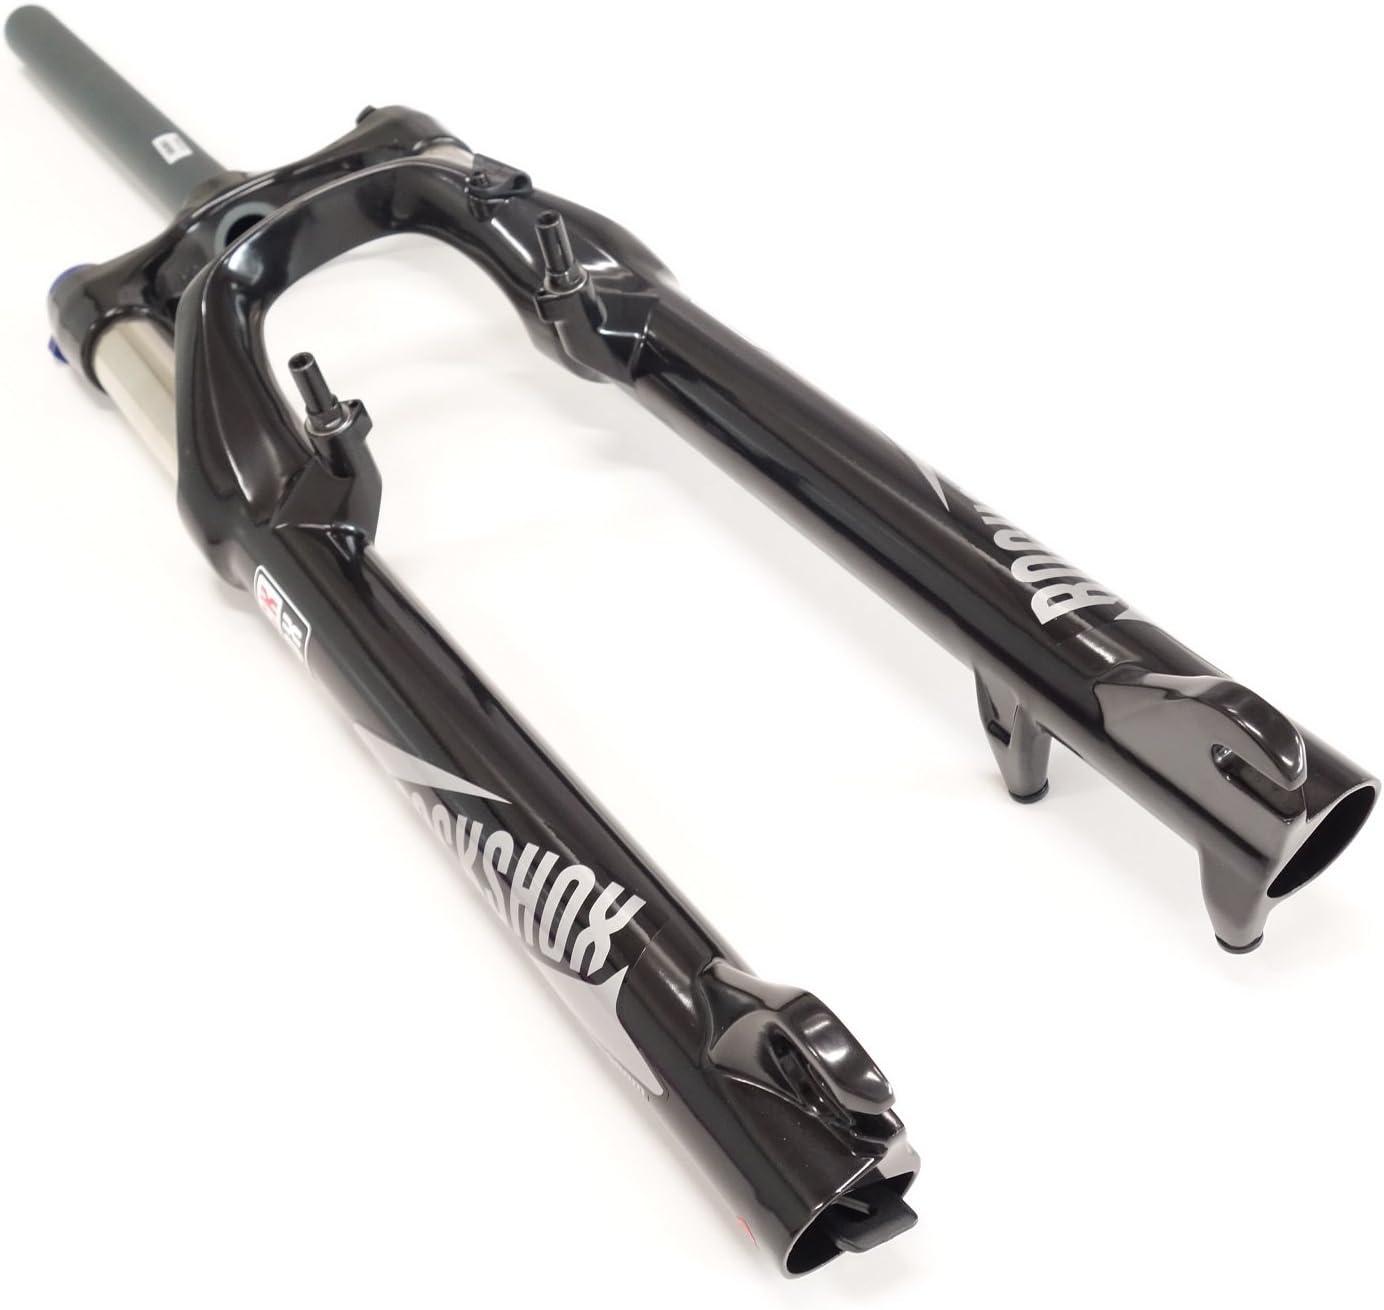 29er Carbon MTB Mountain Bike Forks 100*9mm Standard QR Rigid Forks Tapered Fork